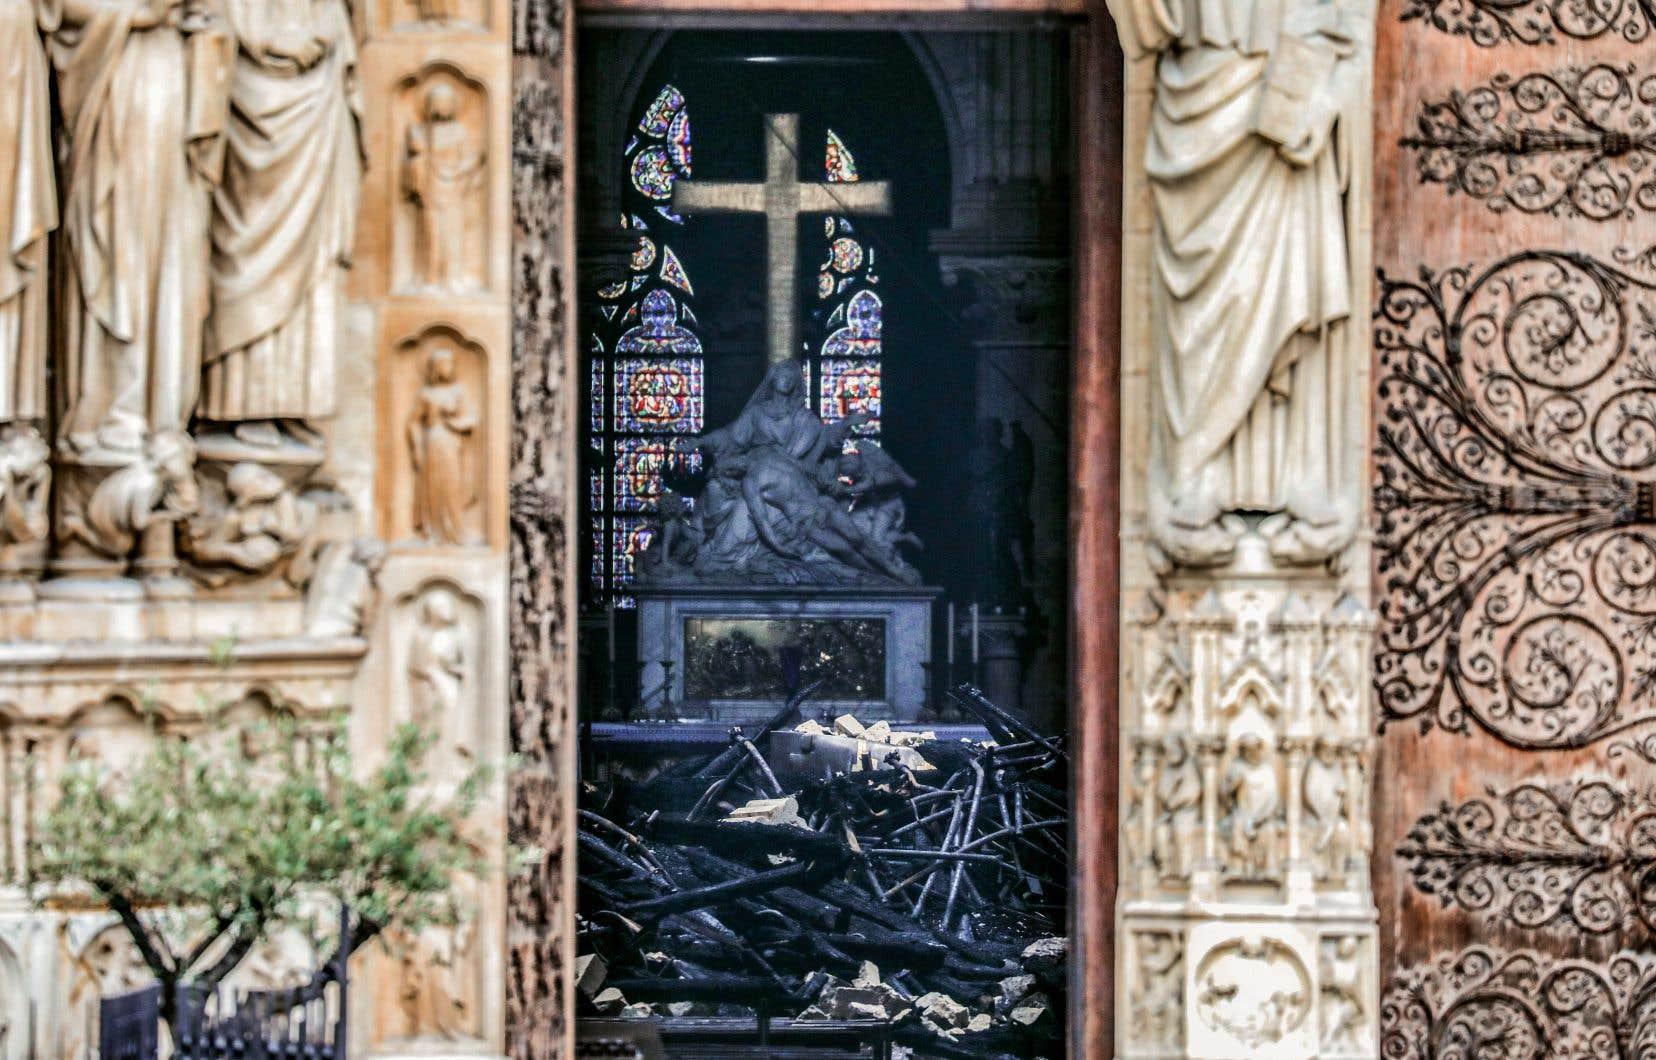 L'incendie qui a abîmé la cathédrale gothique inscrite au patrimoine mondial de l'humanité a donné lieu à une mobilisation impressionnante.